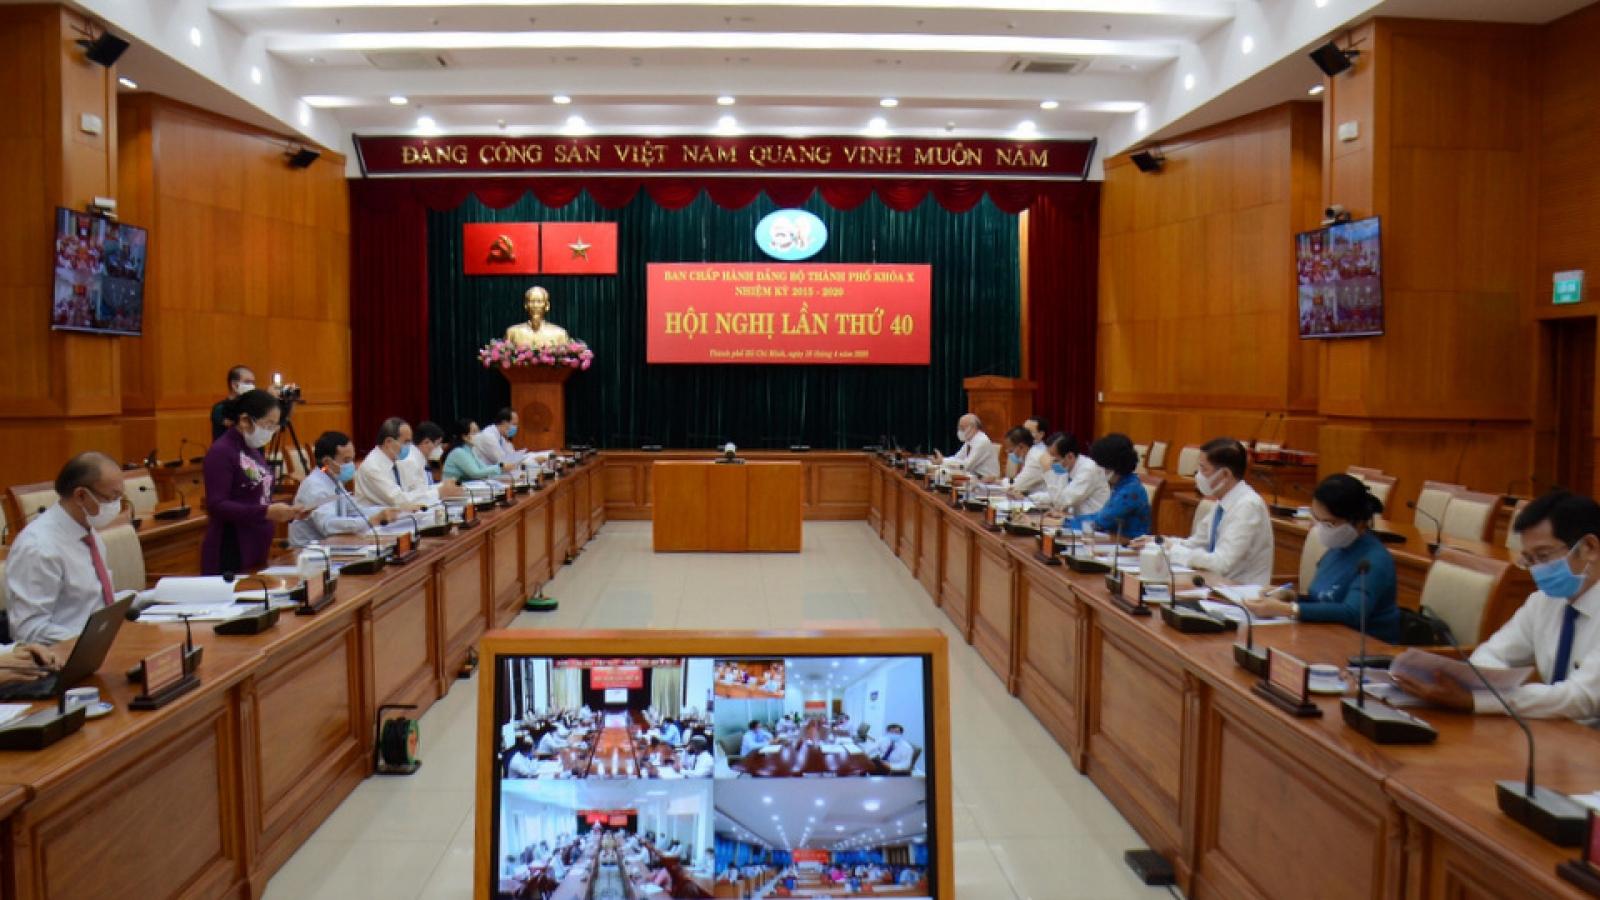 Hội nghị Ban Chấp hành Đảng bộ TPHCM: Kinh tế quý I chỉ tăng 0,42%